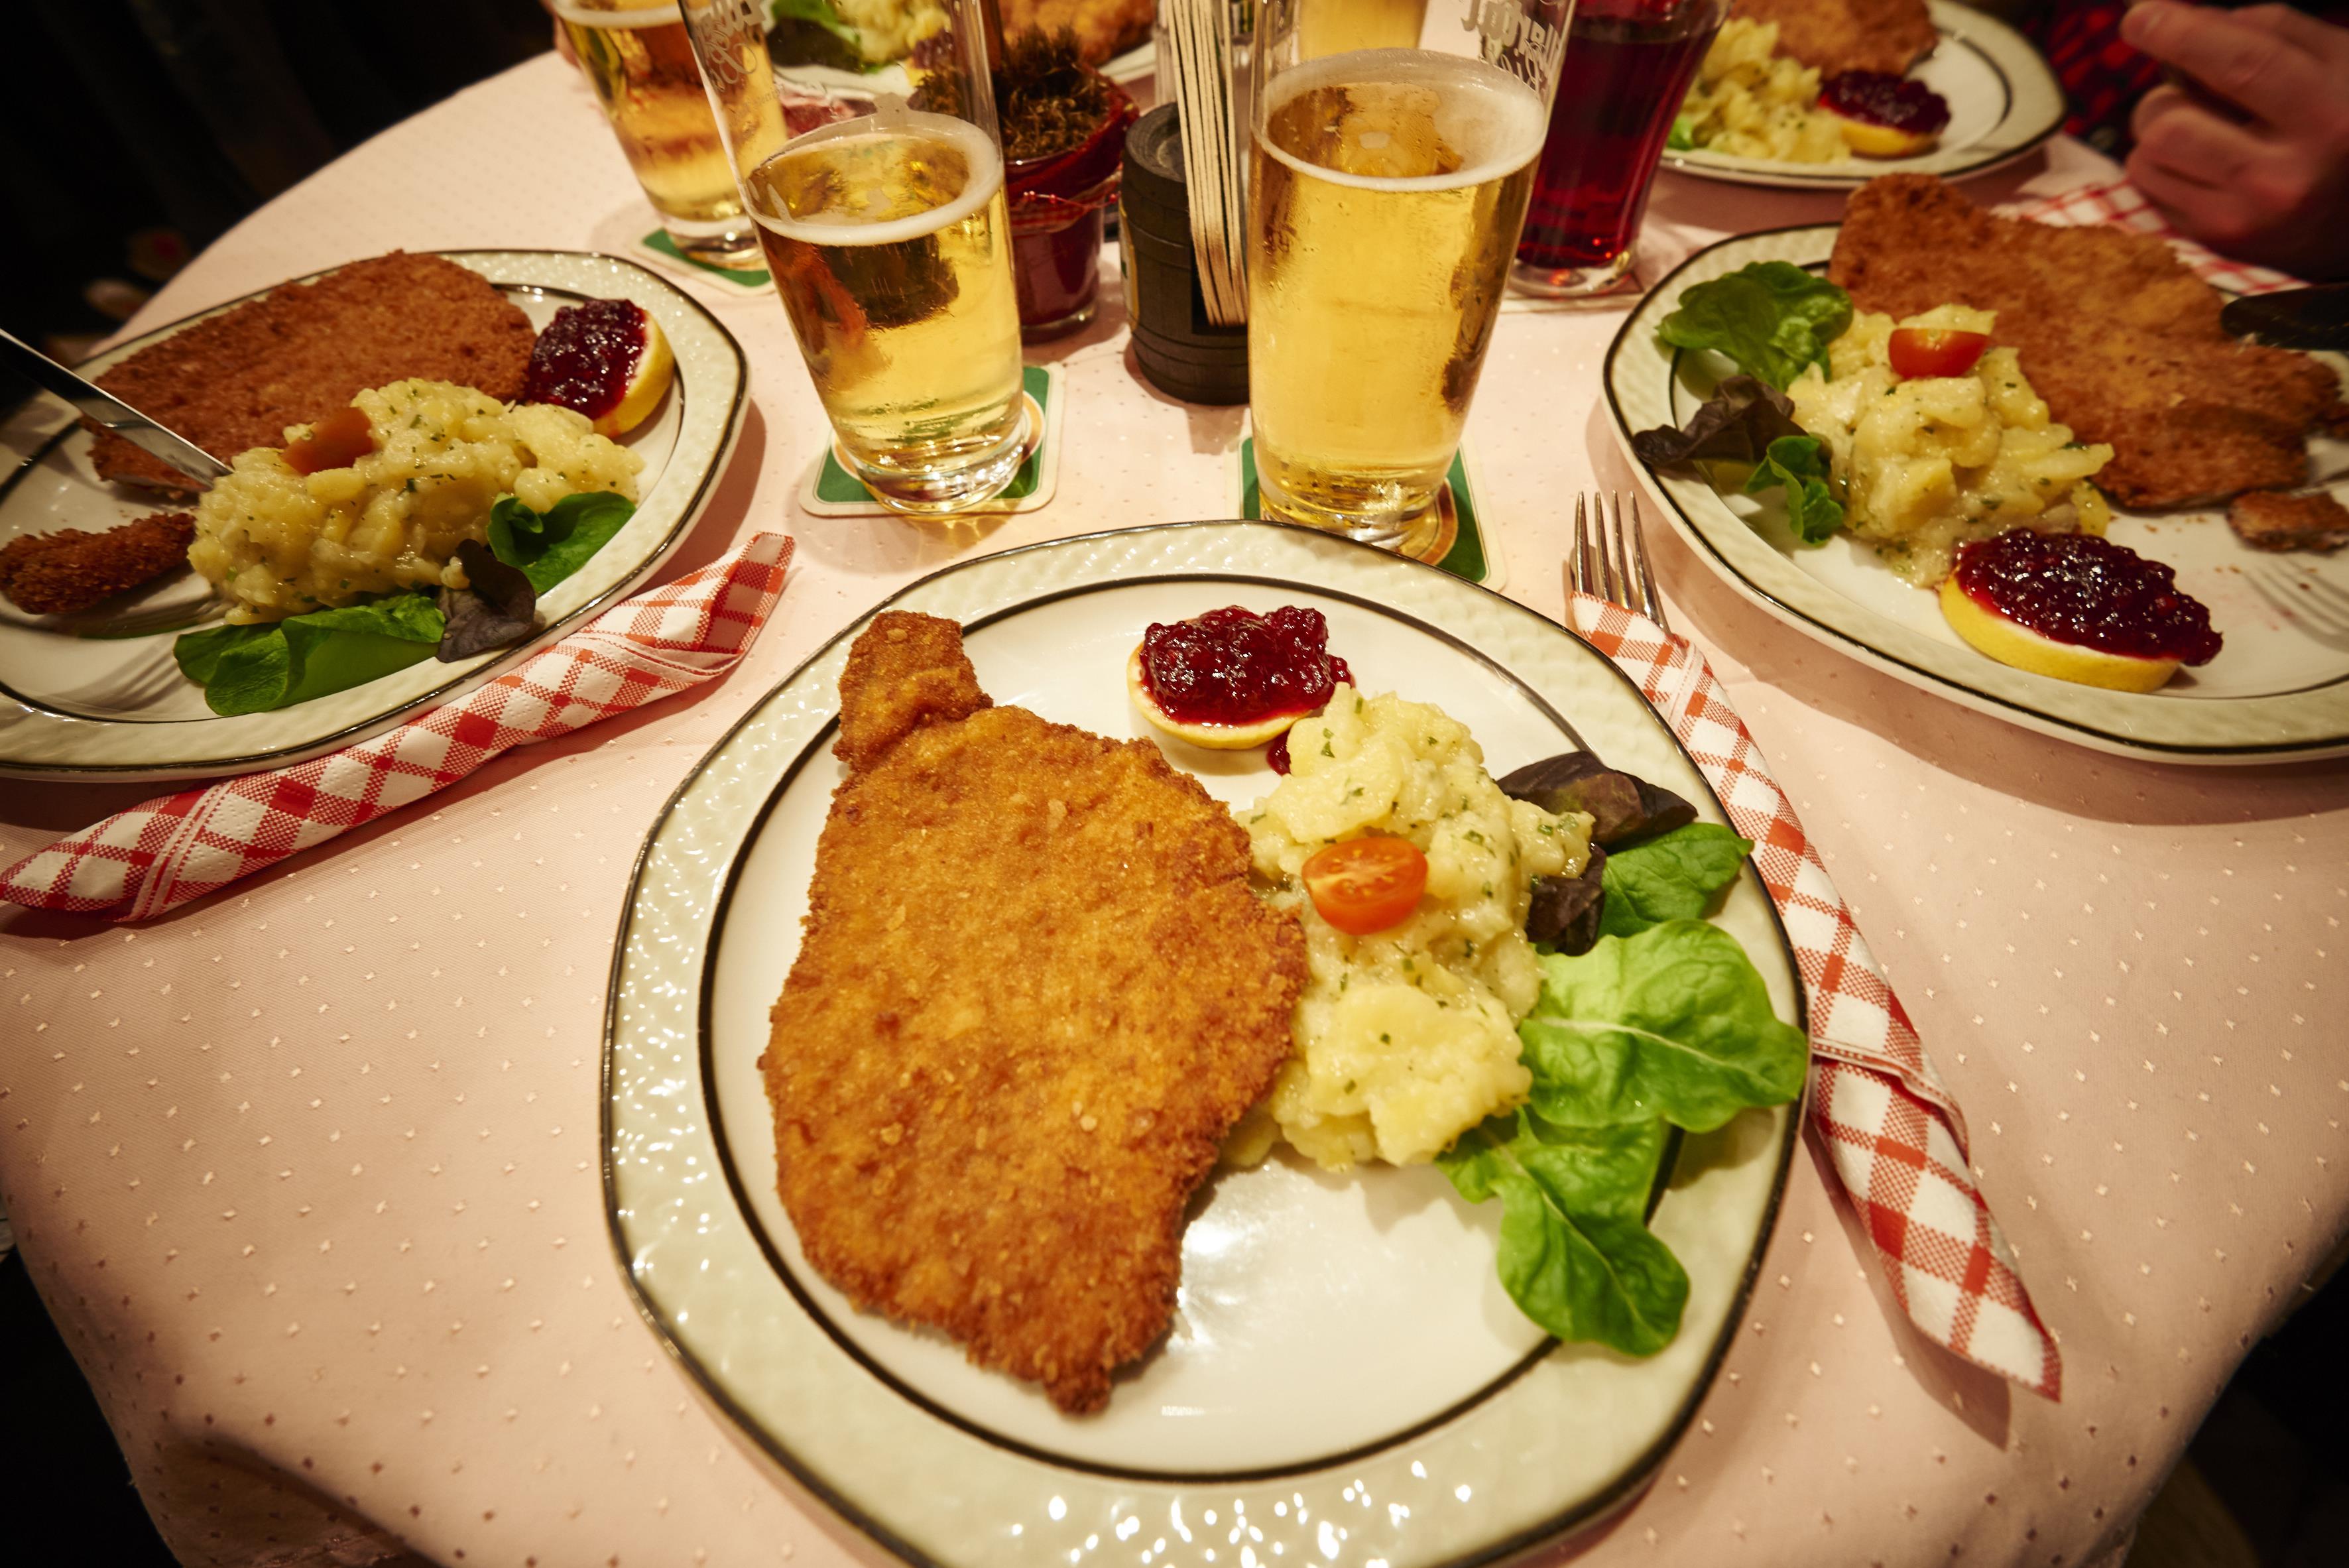 schnitzel-zillertal-huette